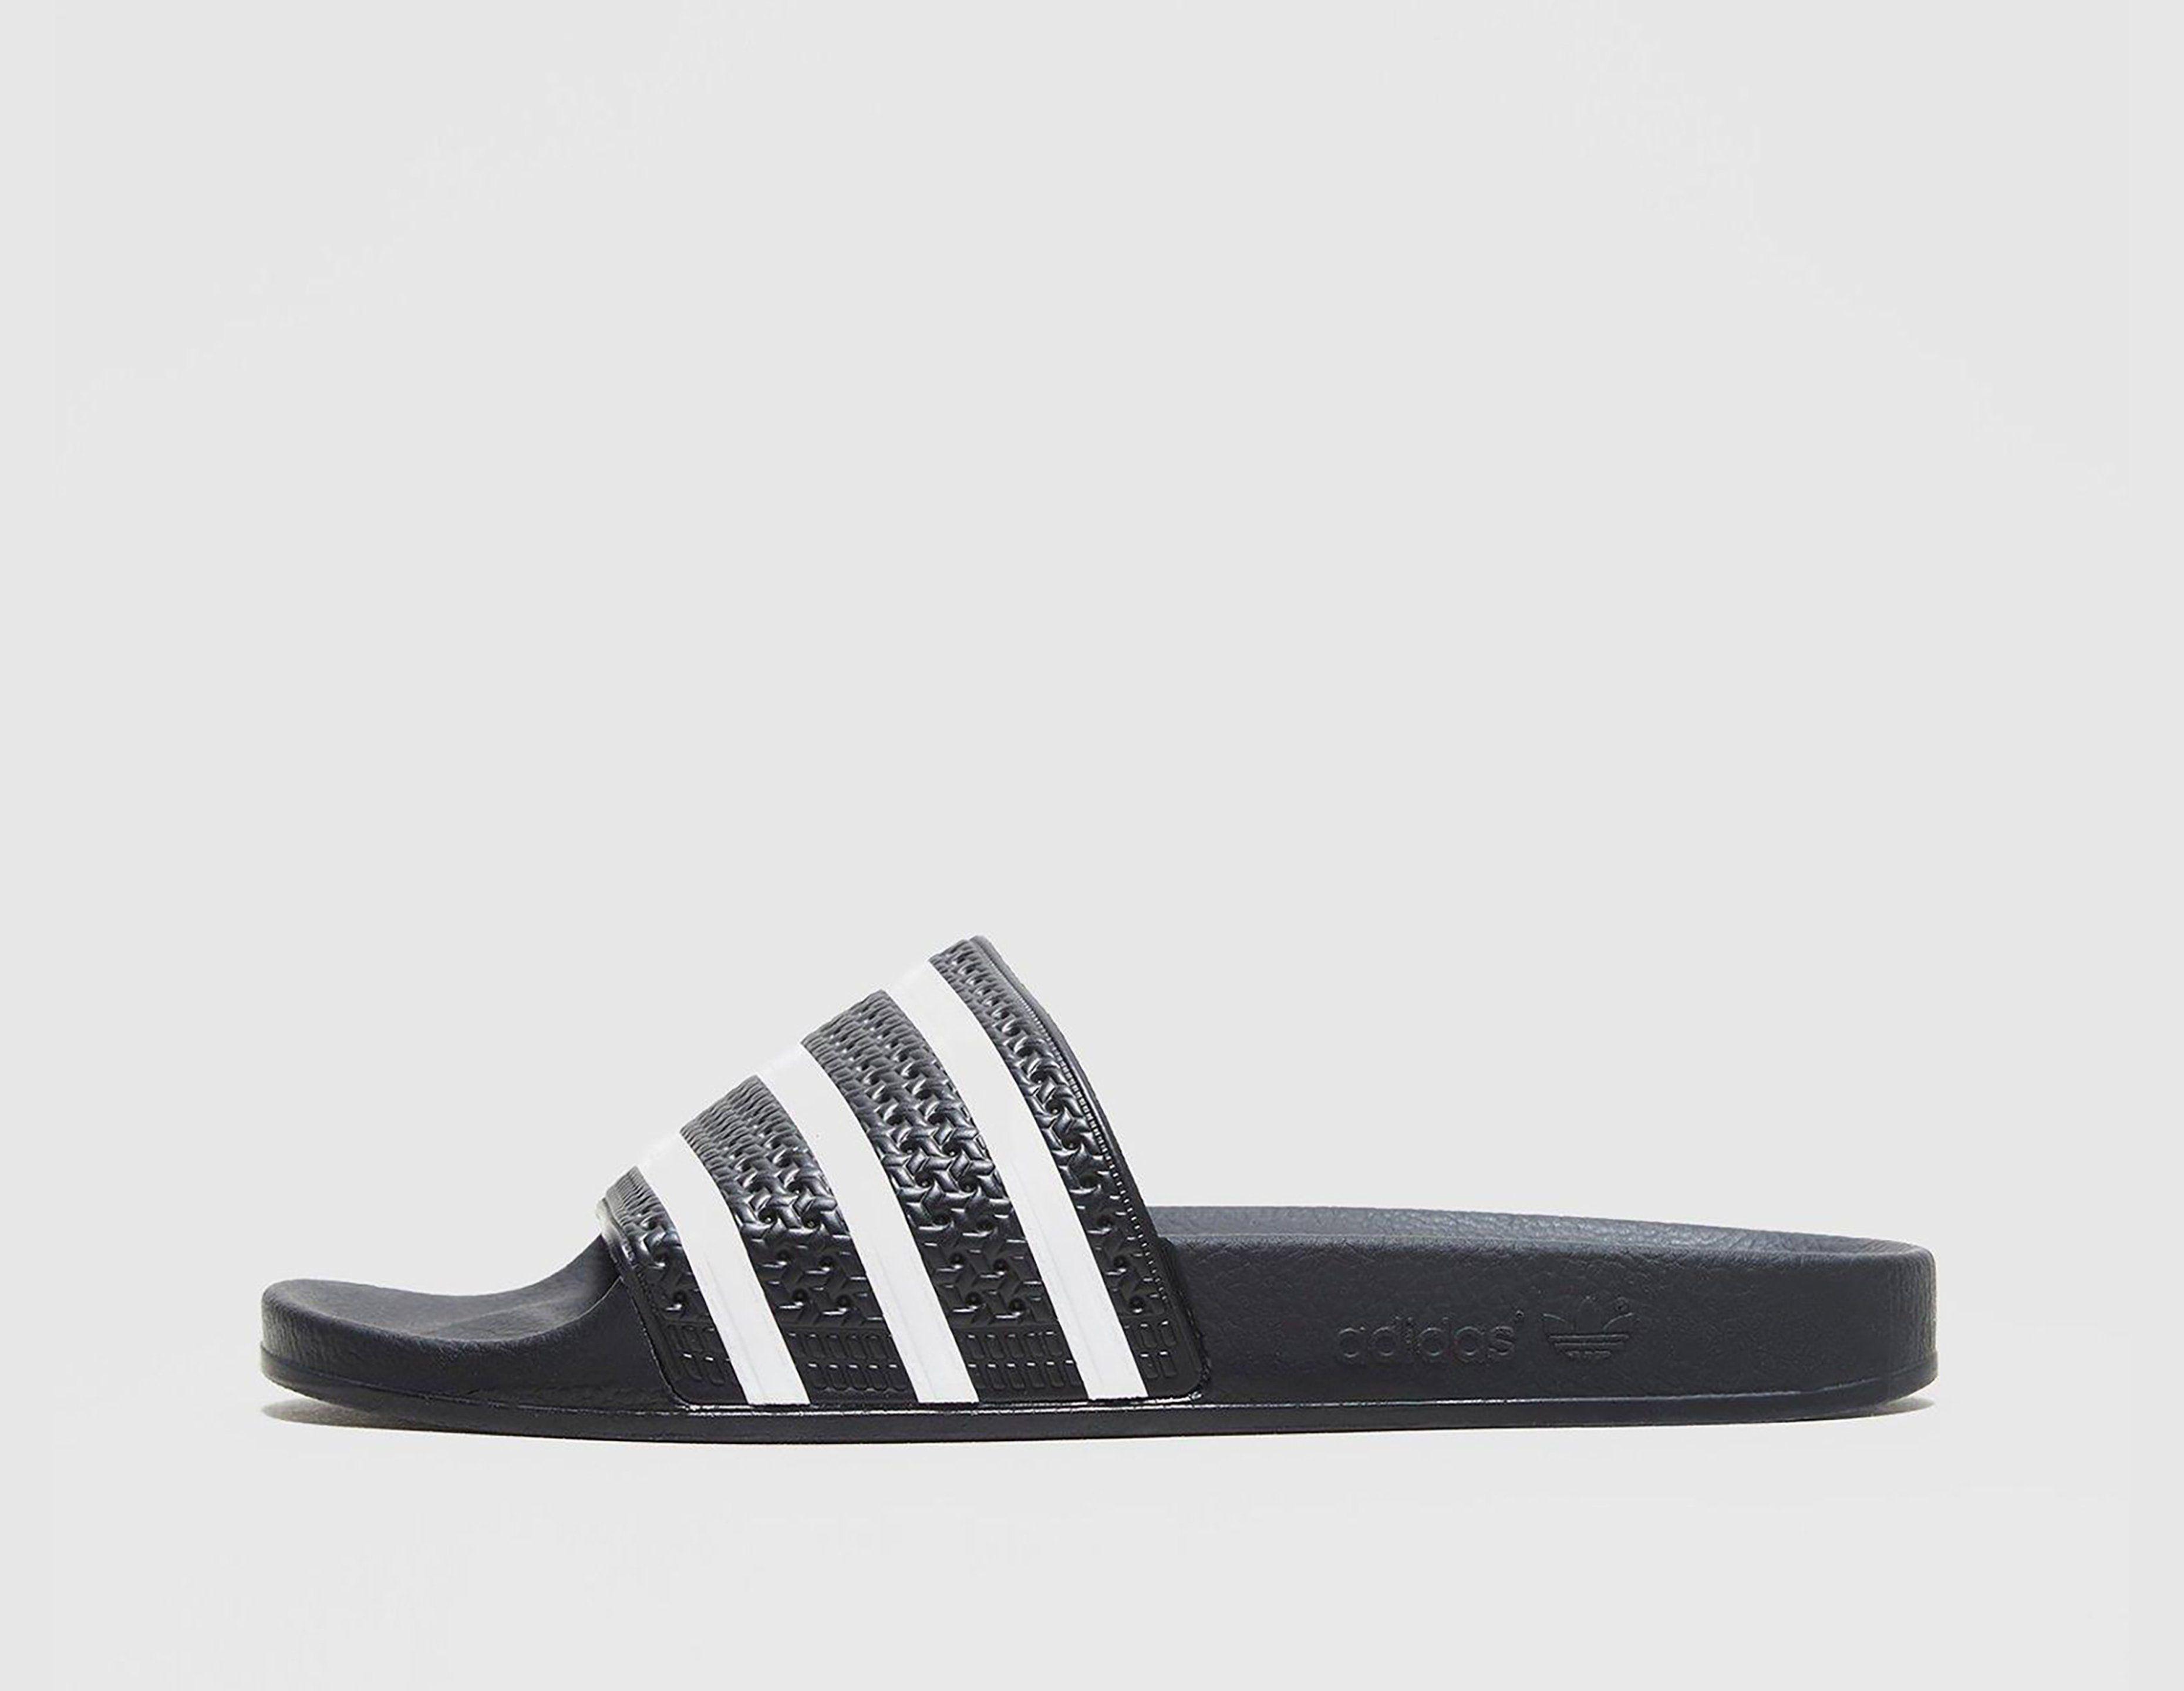 b42e64e9a455 adidas Originals Adilette Slides Women s